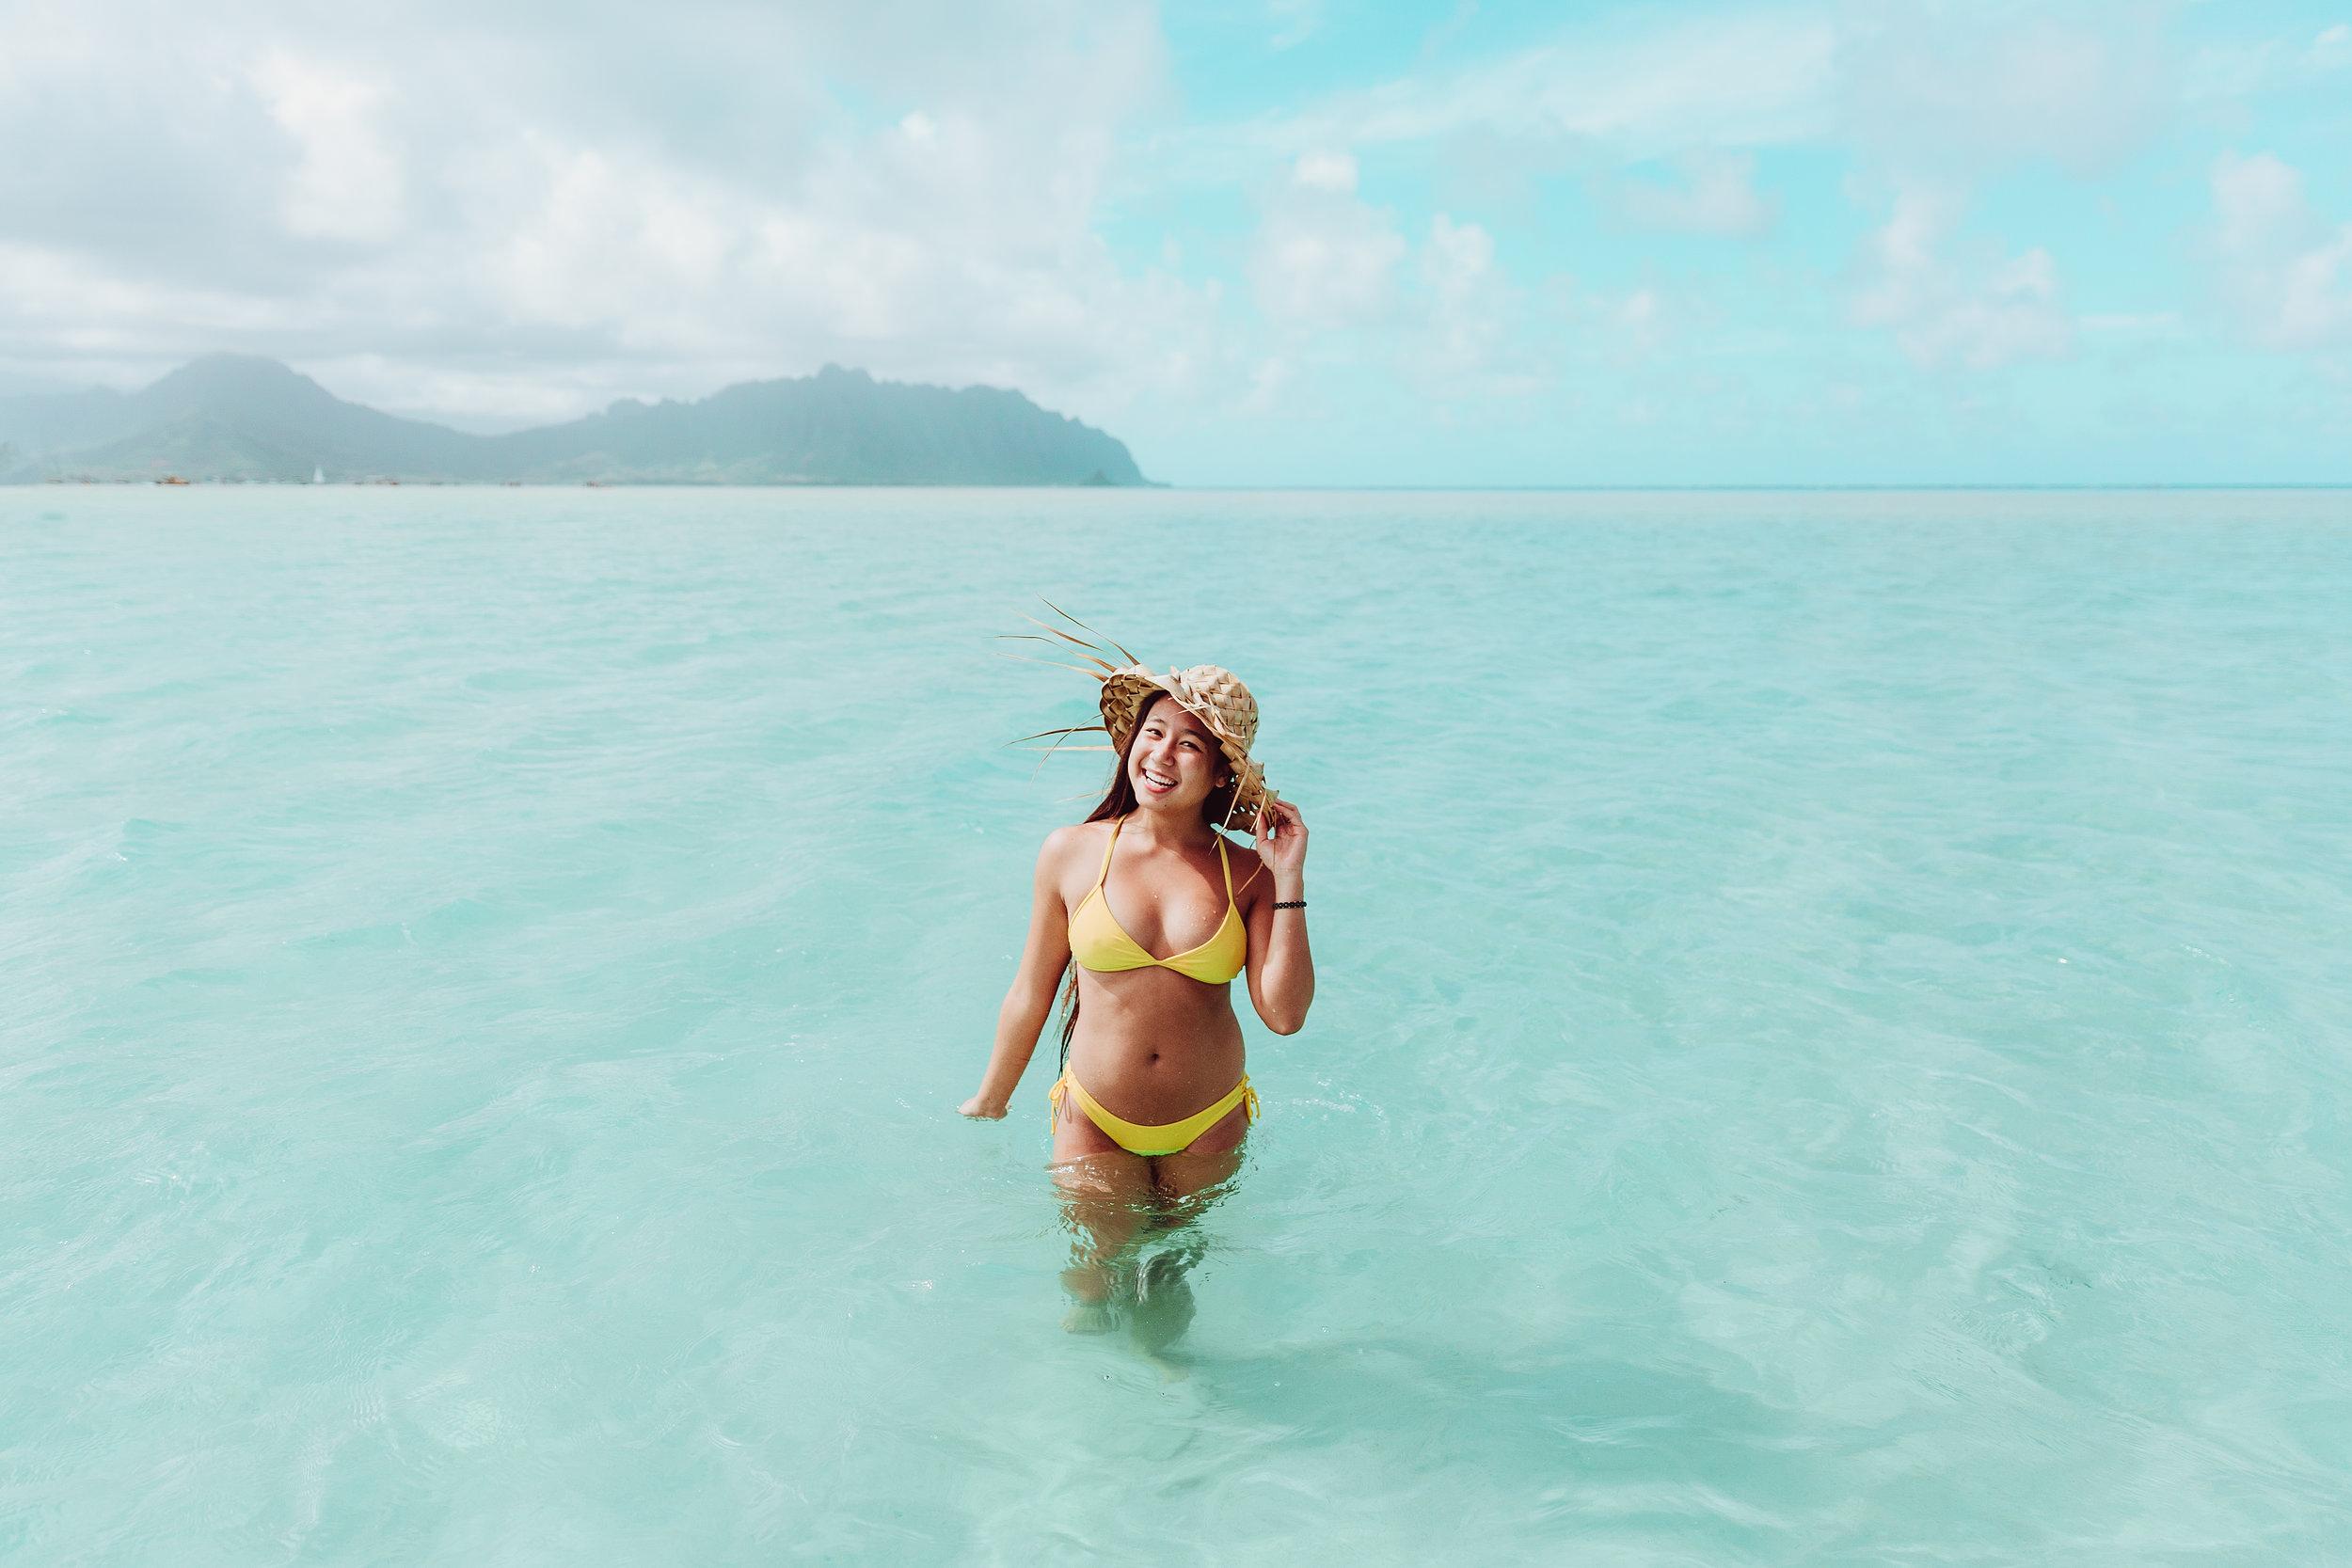 Hawaii photographer, product photography, Lifestyle photography, genkimedia, Genkiphotos, Hawaii product photography, Oahu photographer, Bikini, Hawaii sandbar